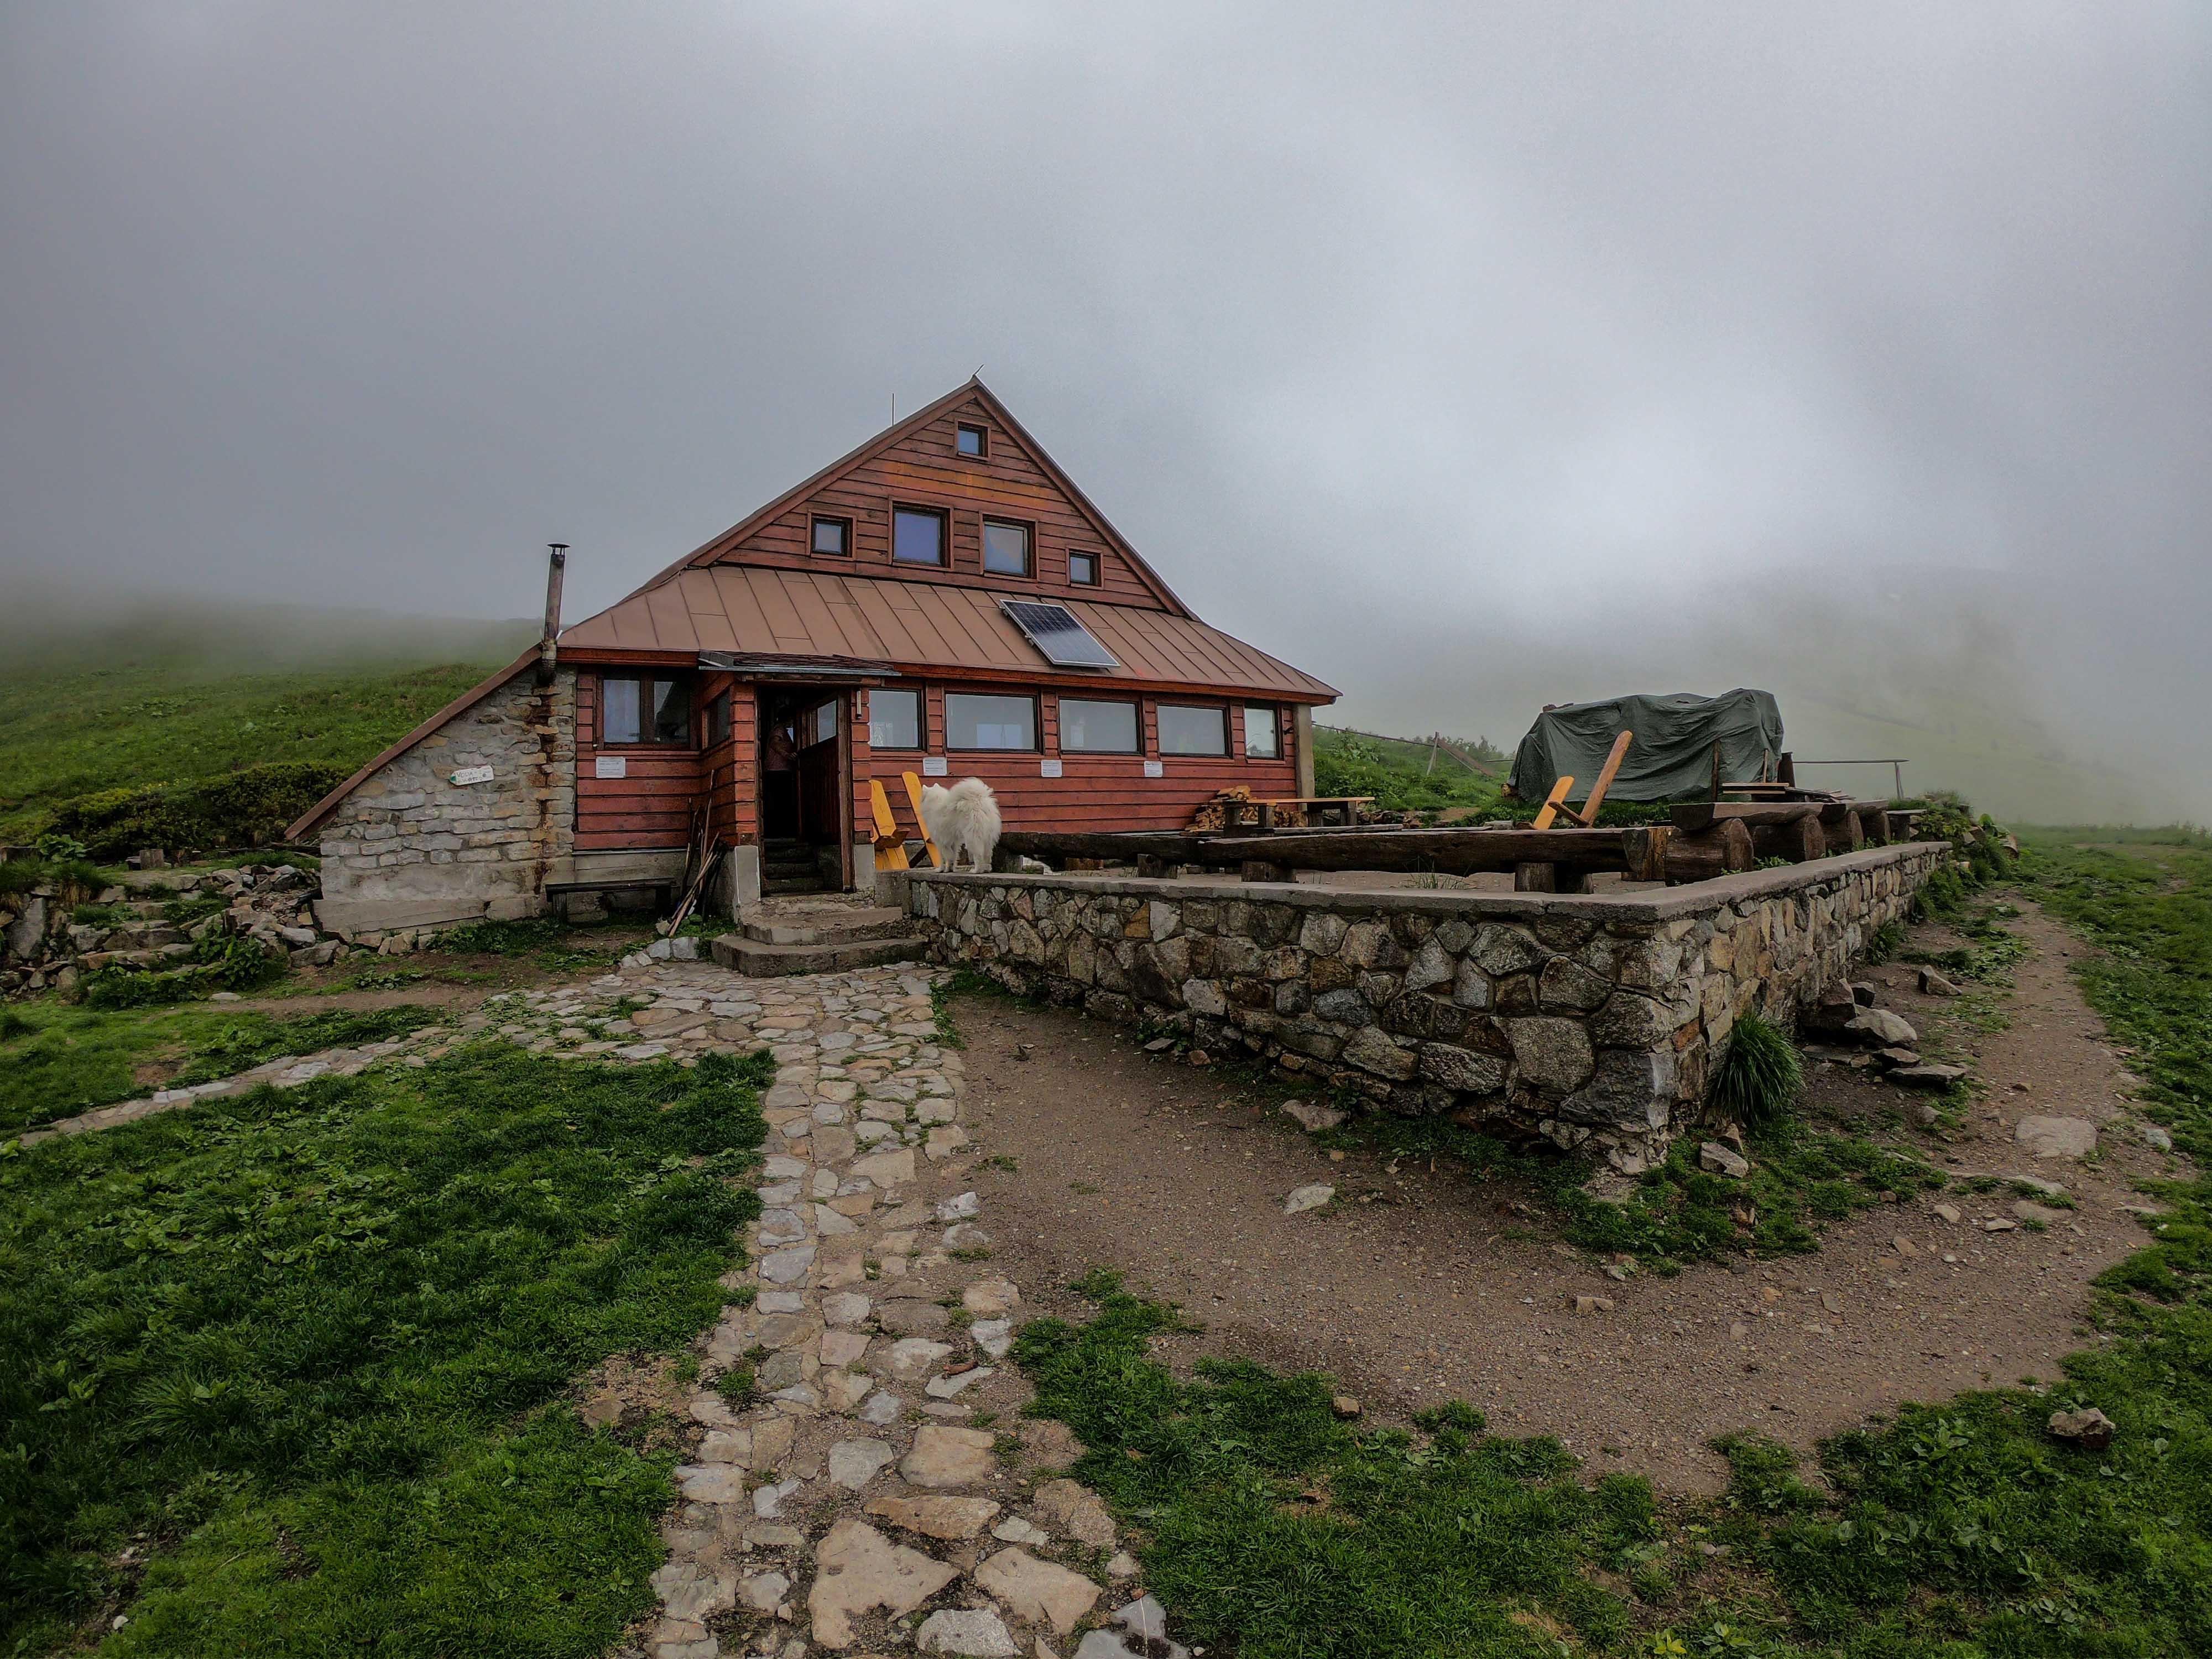 Hrebeňovka Nízkych Tatier Útulňa Ďurková v rannej hmle čakajúc na ďalšiu búrku